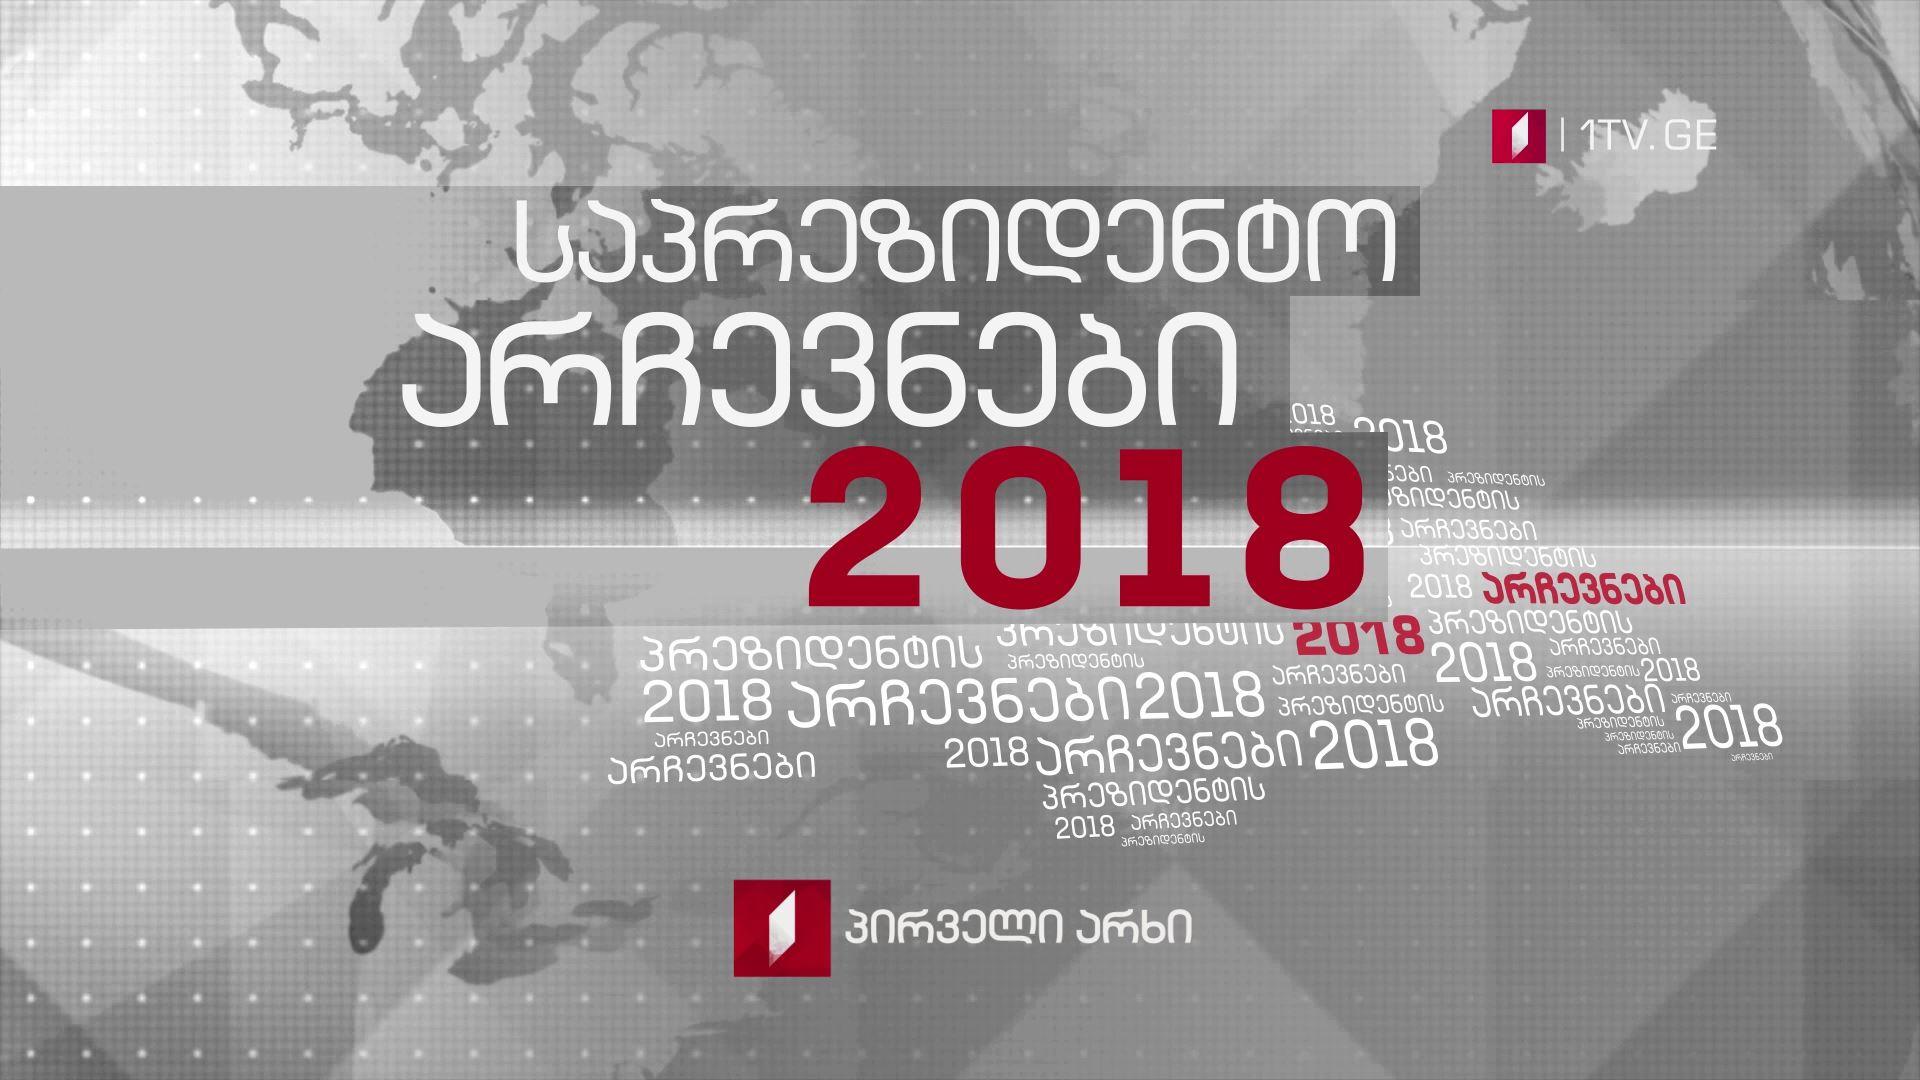 საპრეზიდენტო არჩევნები 2018 - პირველ არხზე